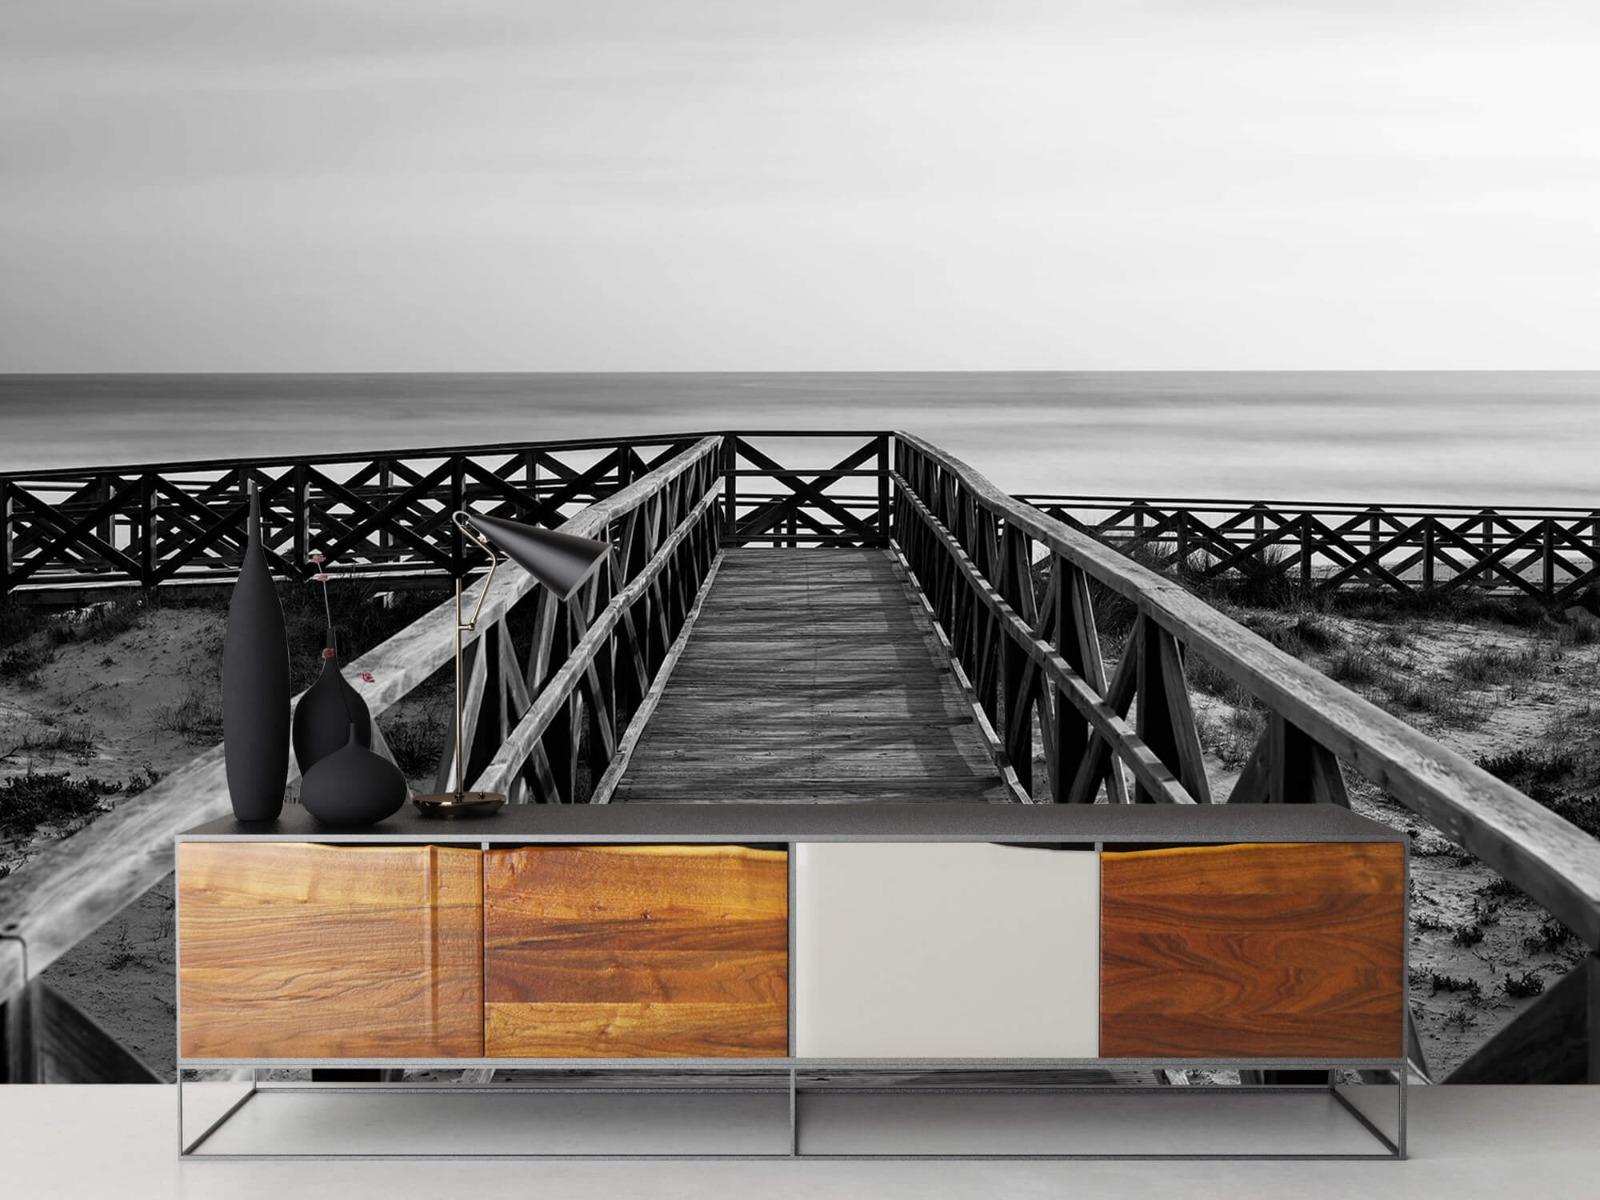 Zwart Wit behang - Loopbrug naar het strand - Hal 16